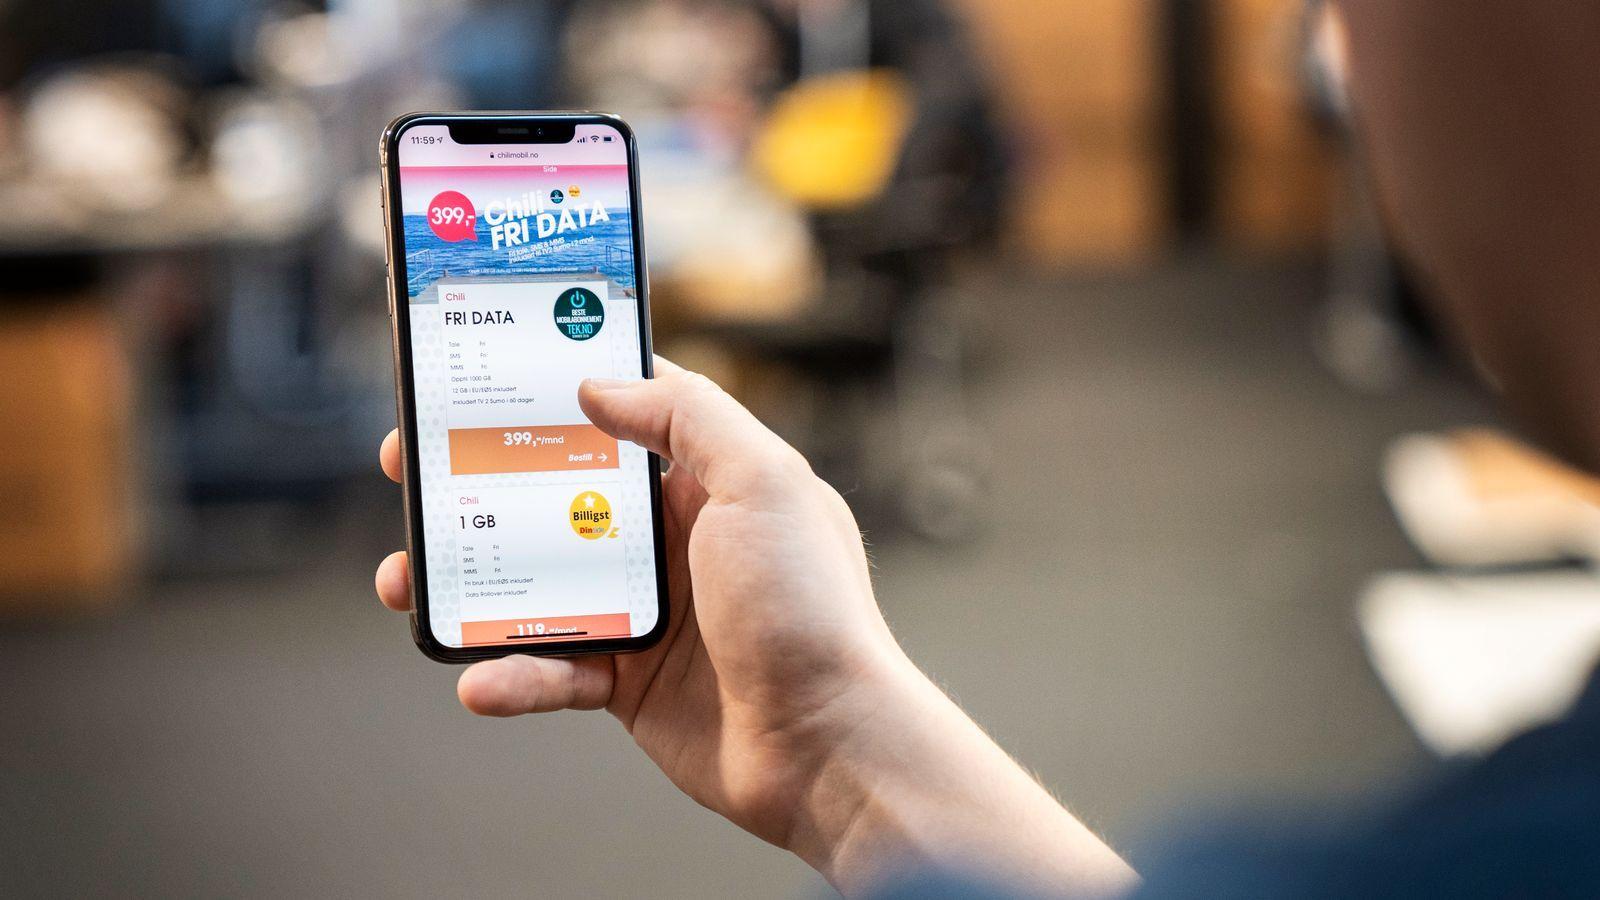 Chilimobil tillater nå ekstra SIM-kort til Fri Data